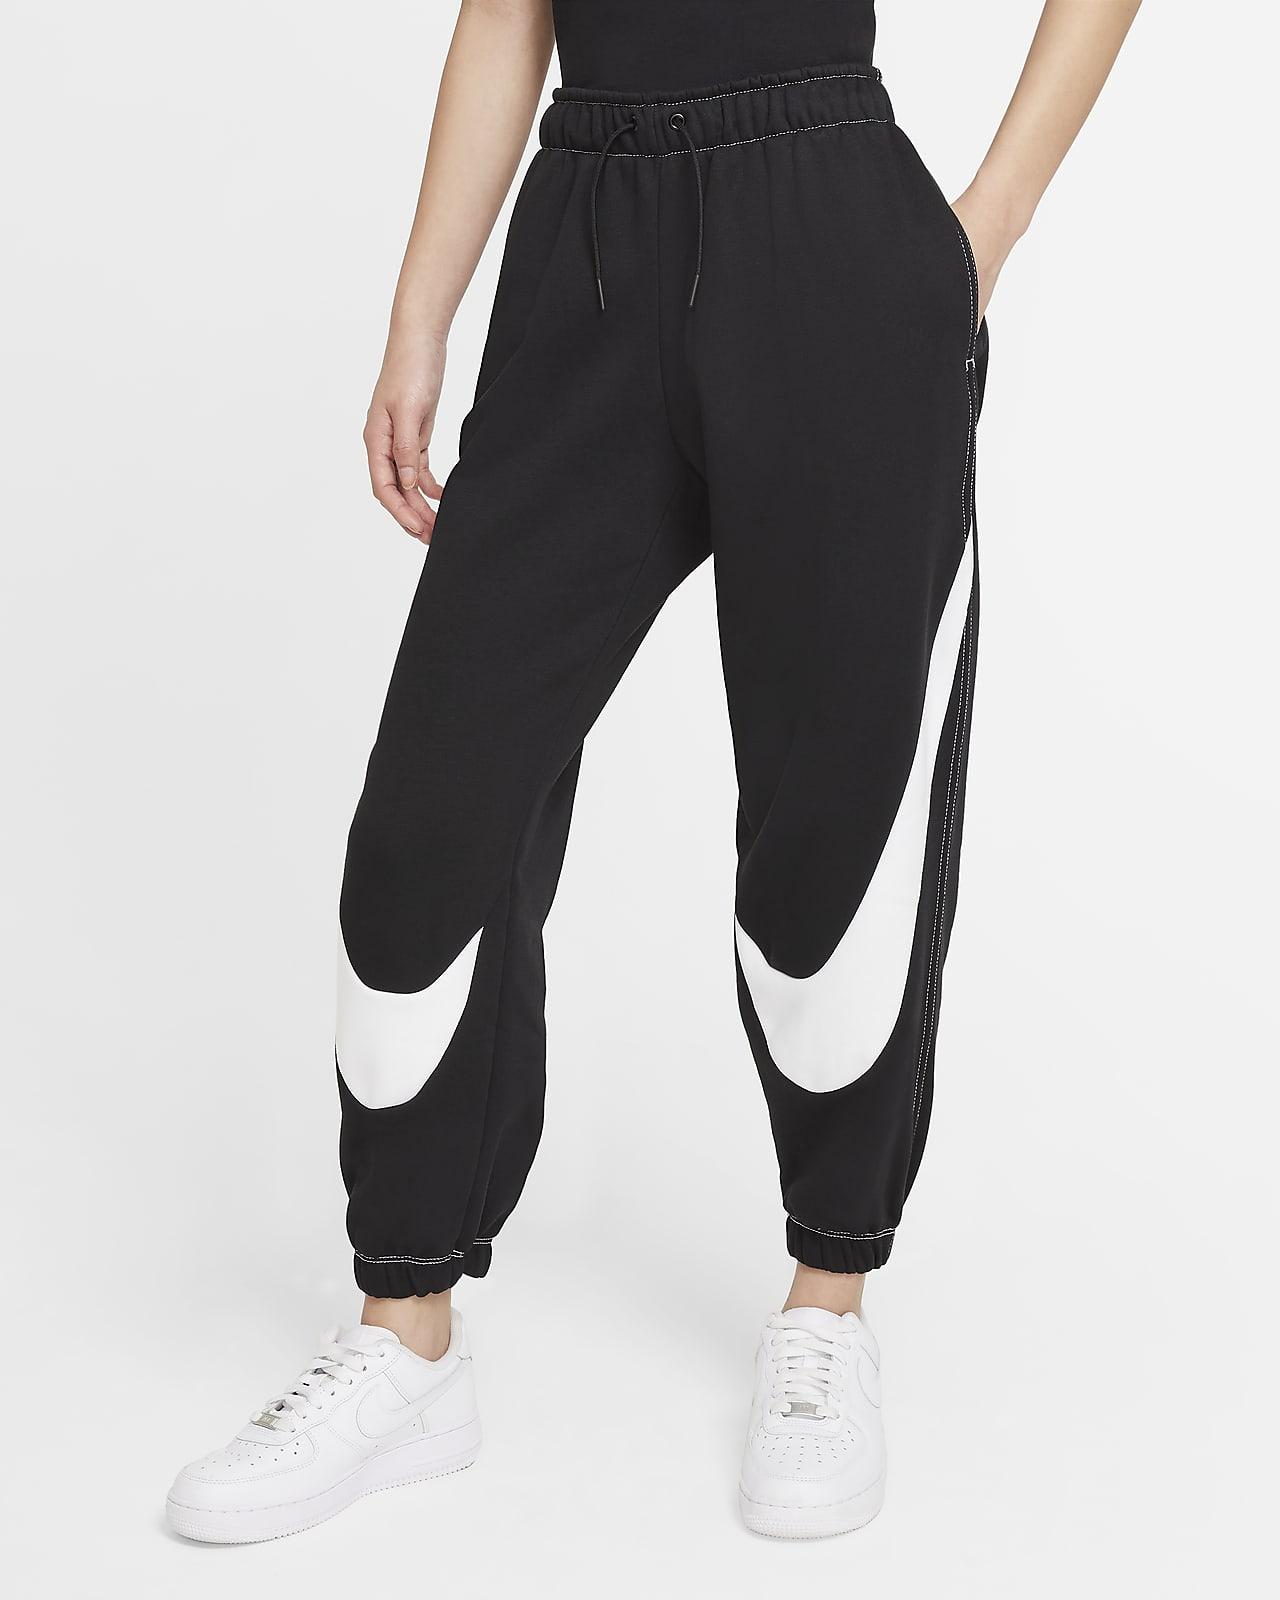 Nike Sportswear Swoosh 女款寬鬆 Fleece 慢跑長褲